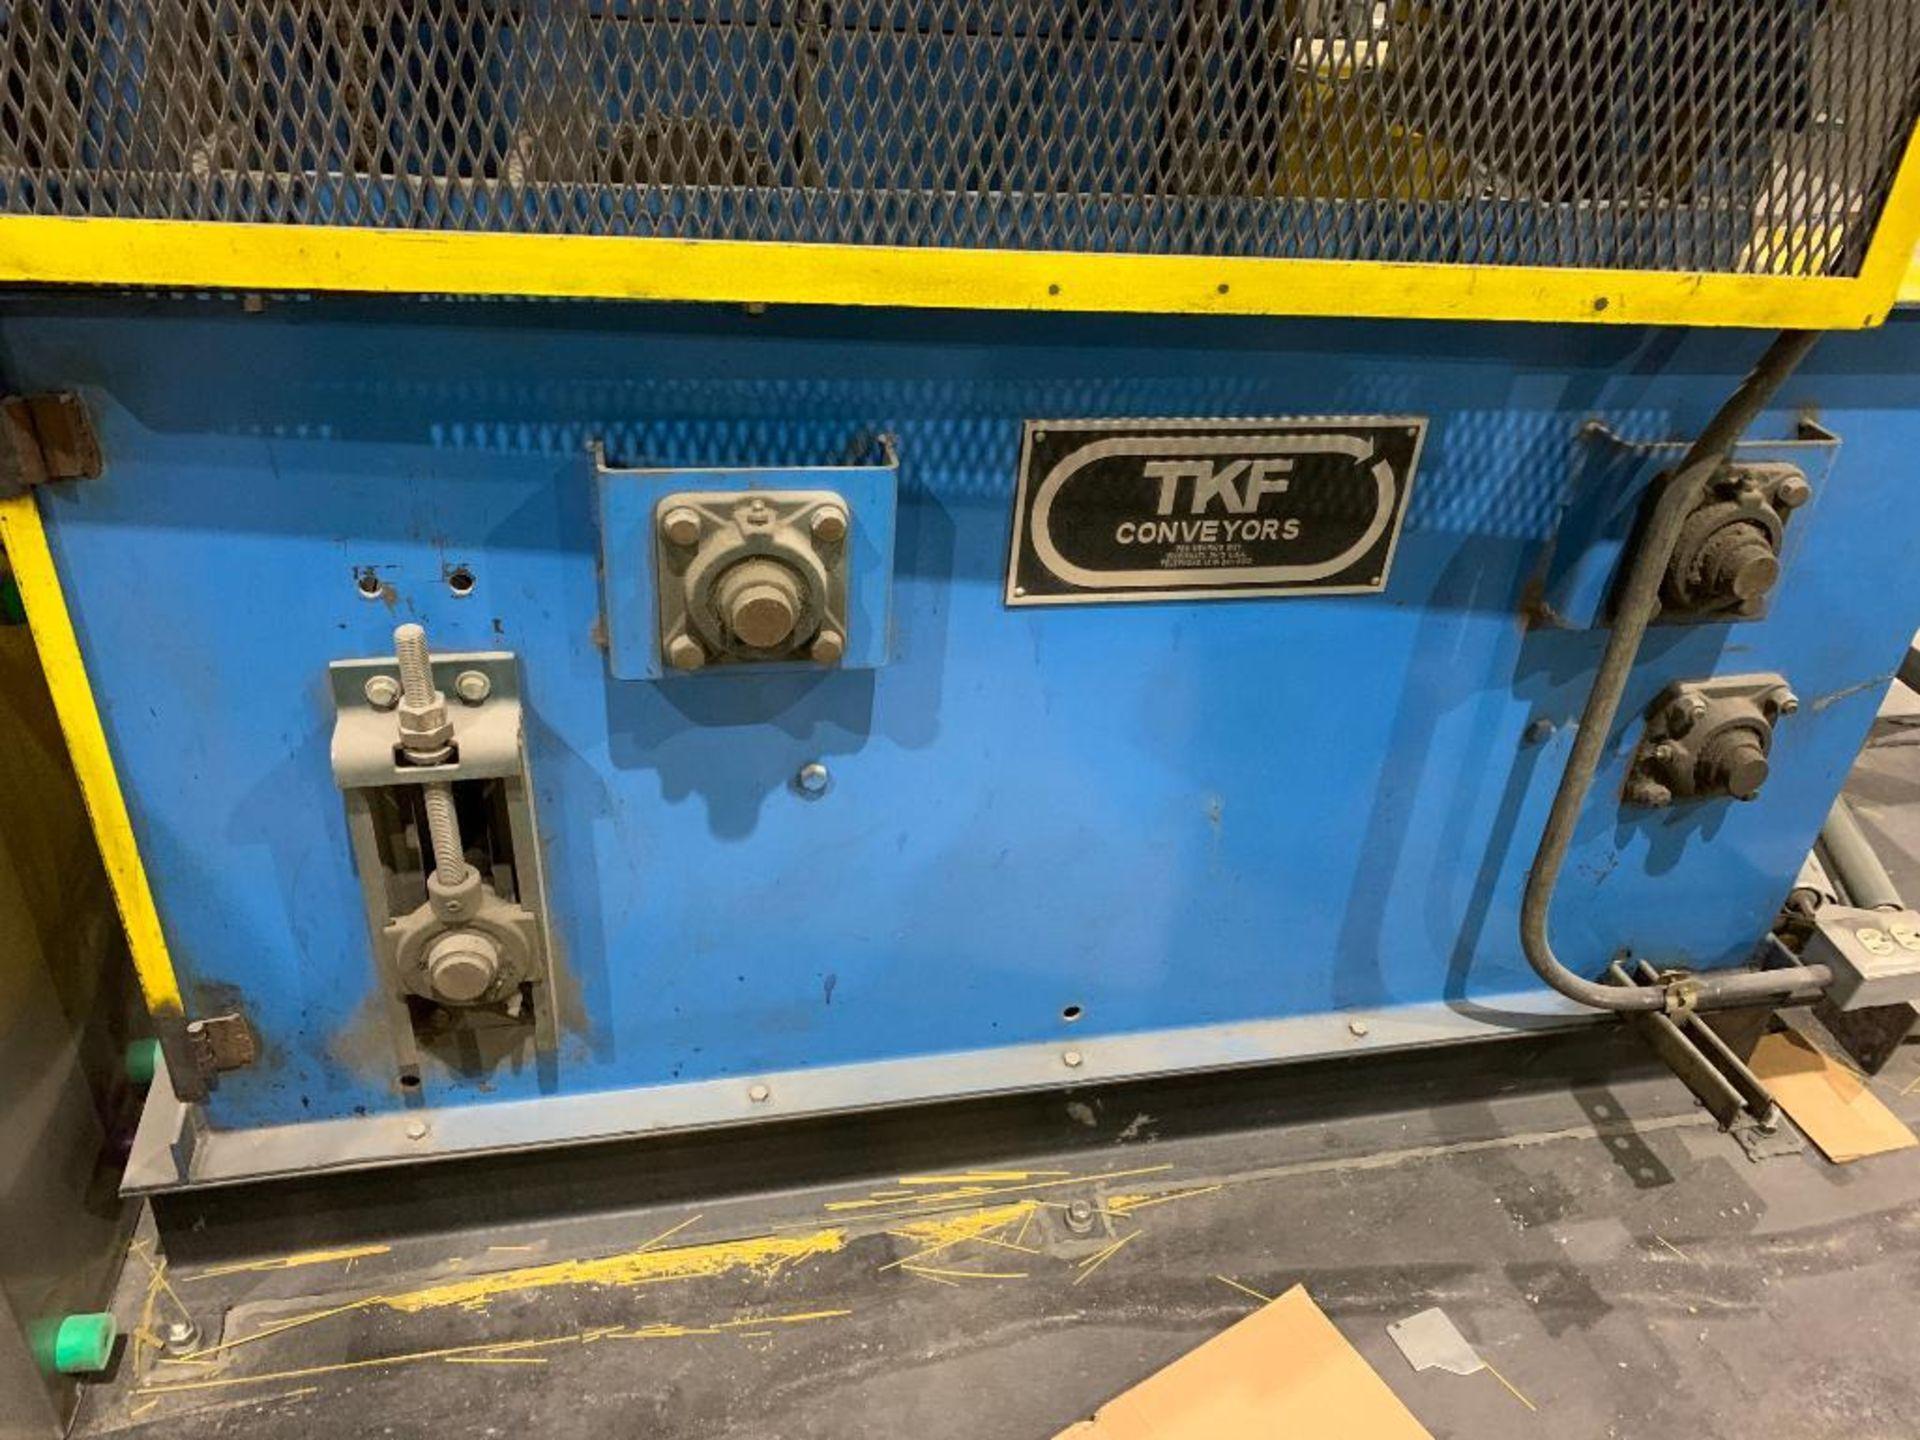 TKF vertical case elevator - Image 2 of 13